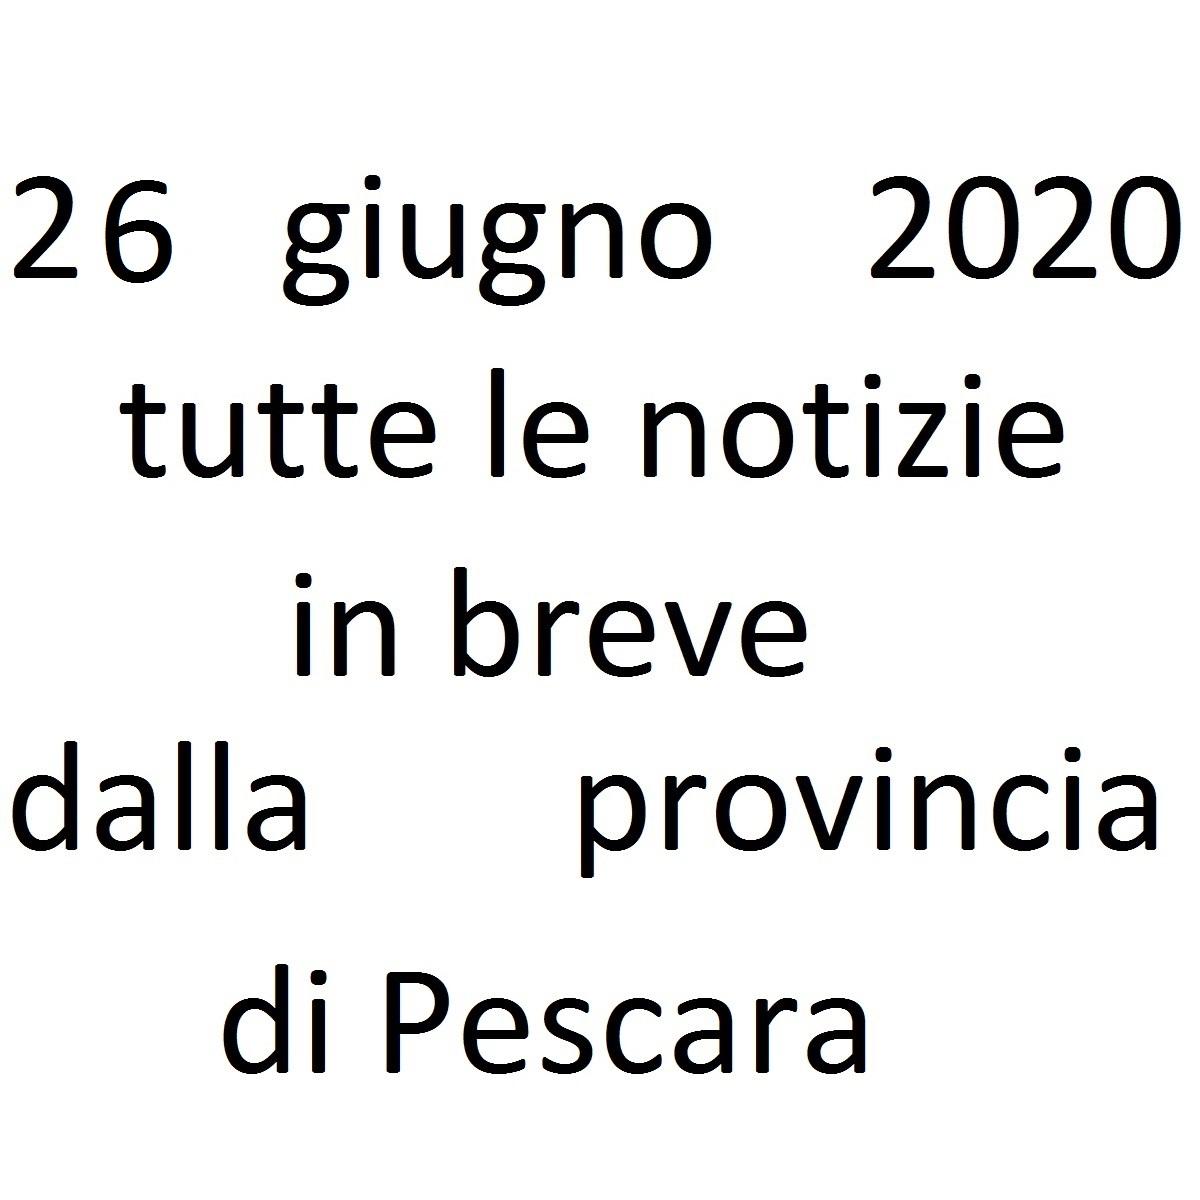 26 giugno 2020 notizie in breve dalla Provincia di Pescara foto